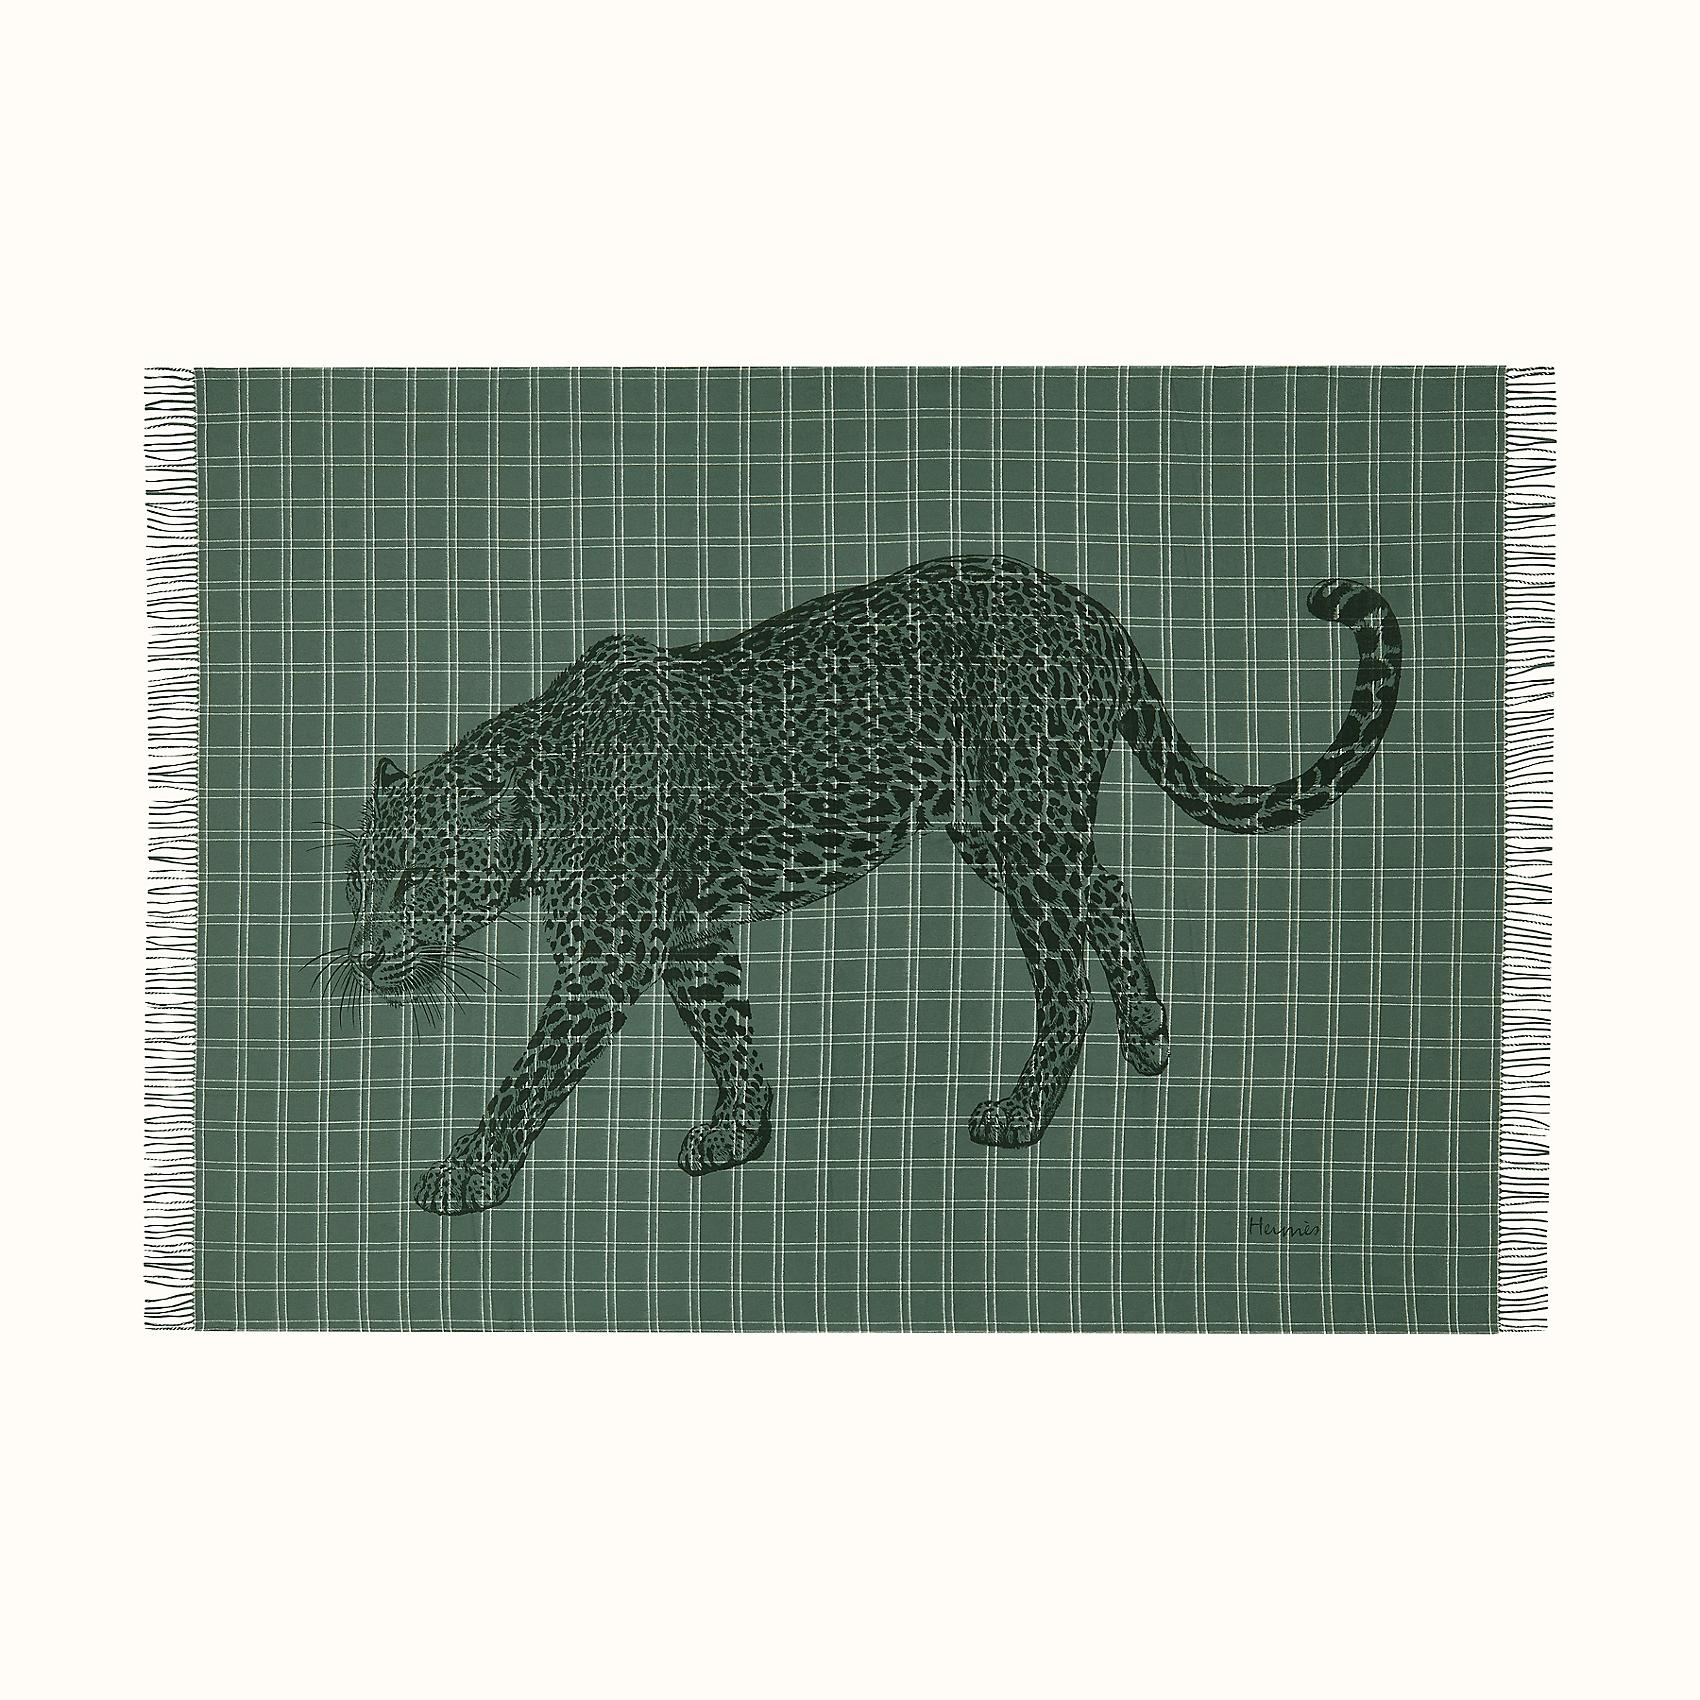 HERMES Leosquare blanket - Vert Sapin